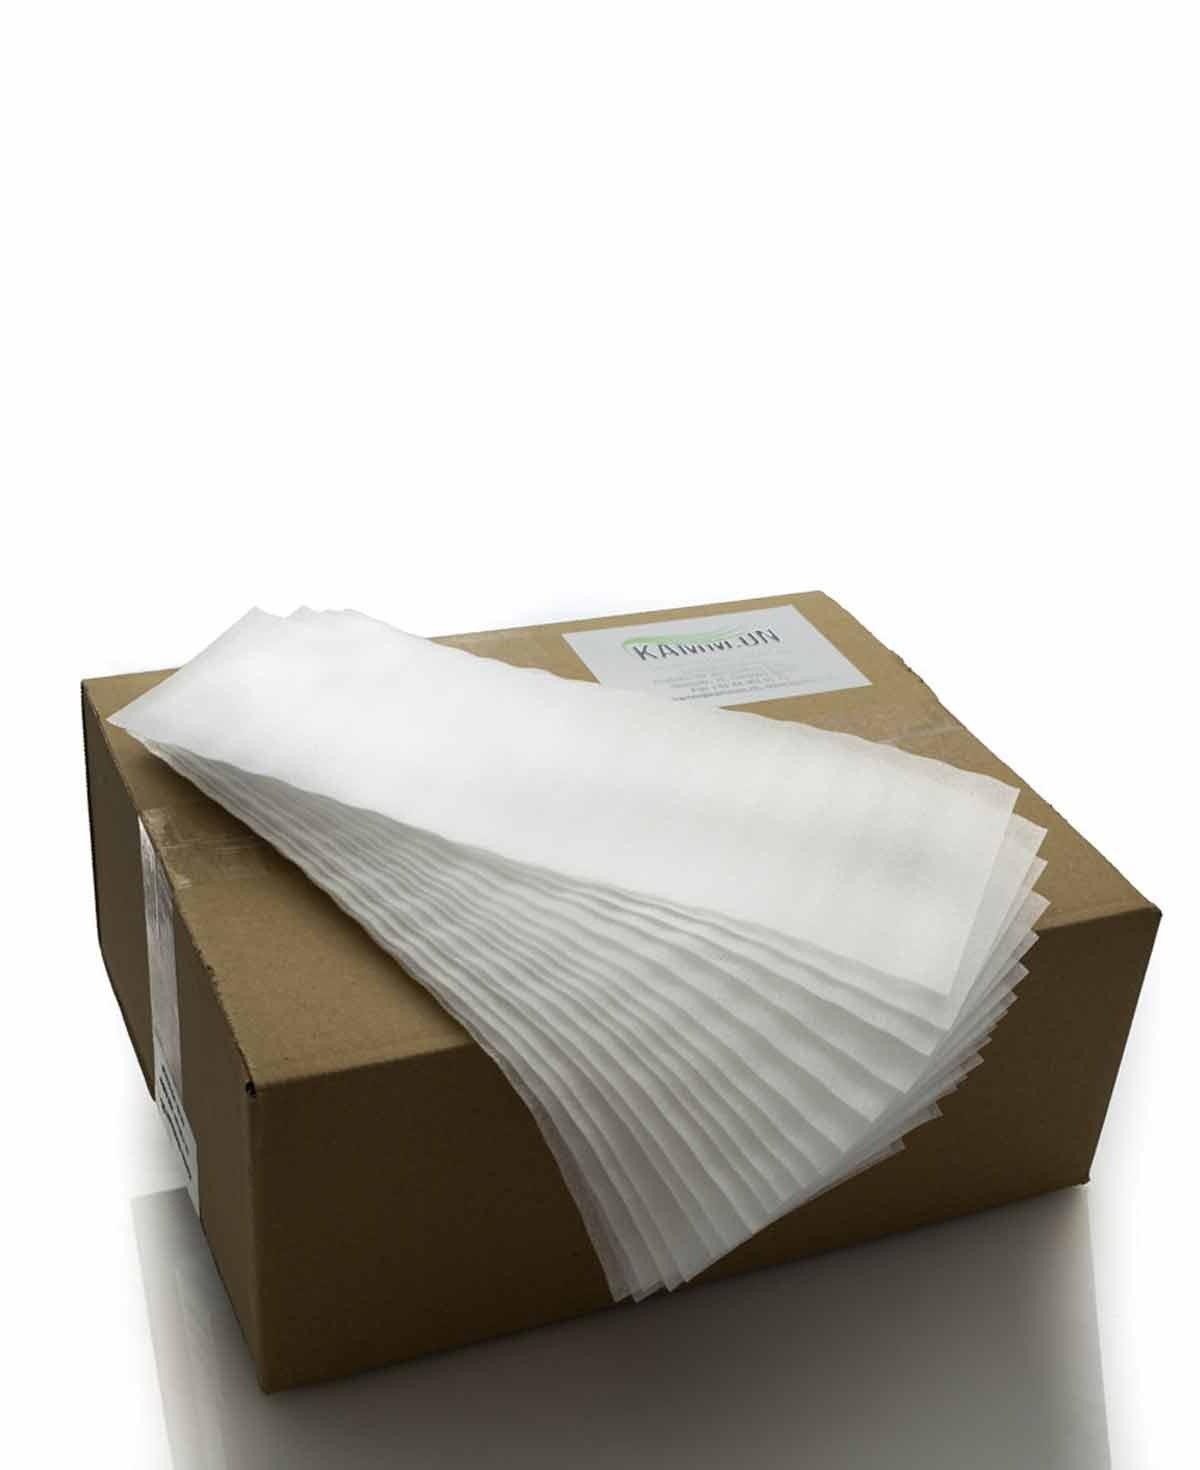 Strähnenpapier 9x25cm à 500 Blatt